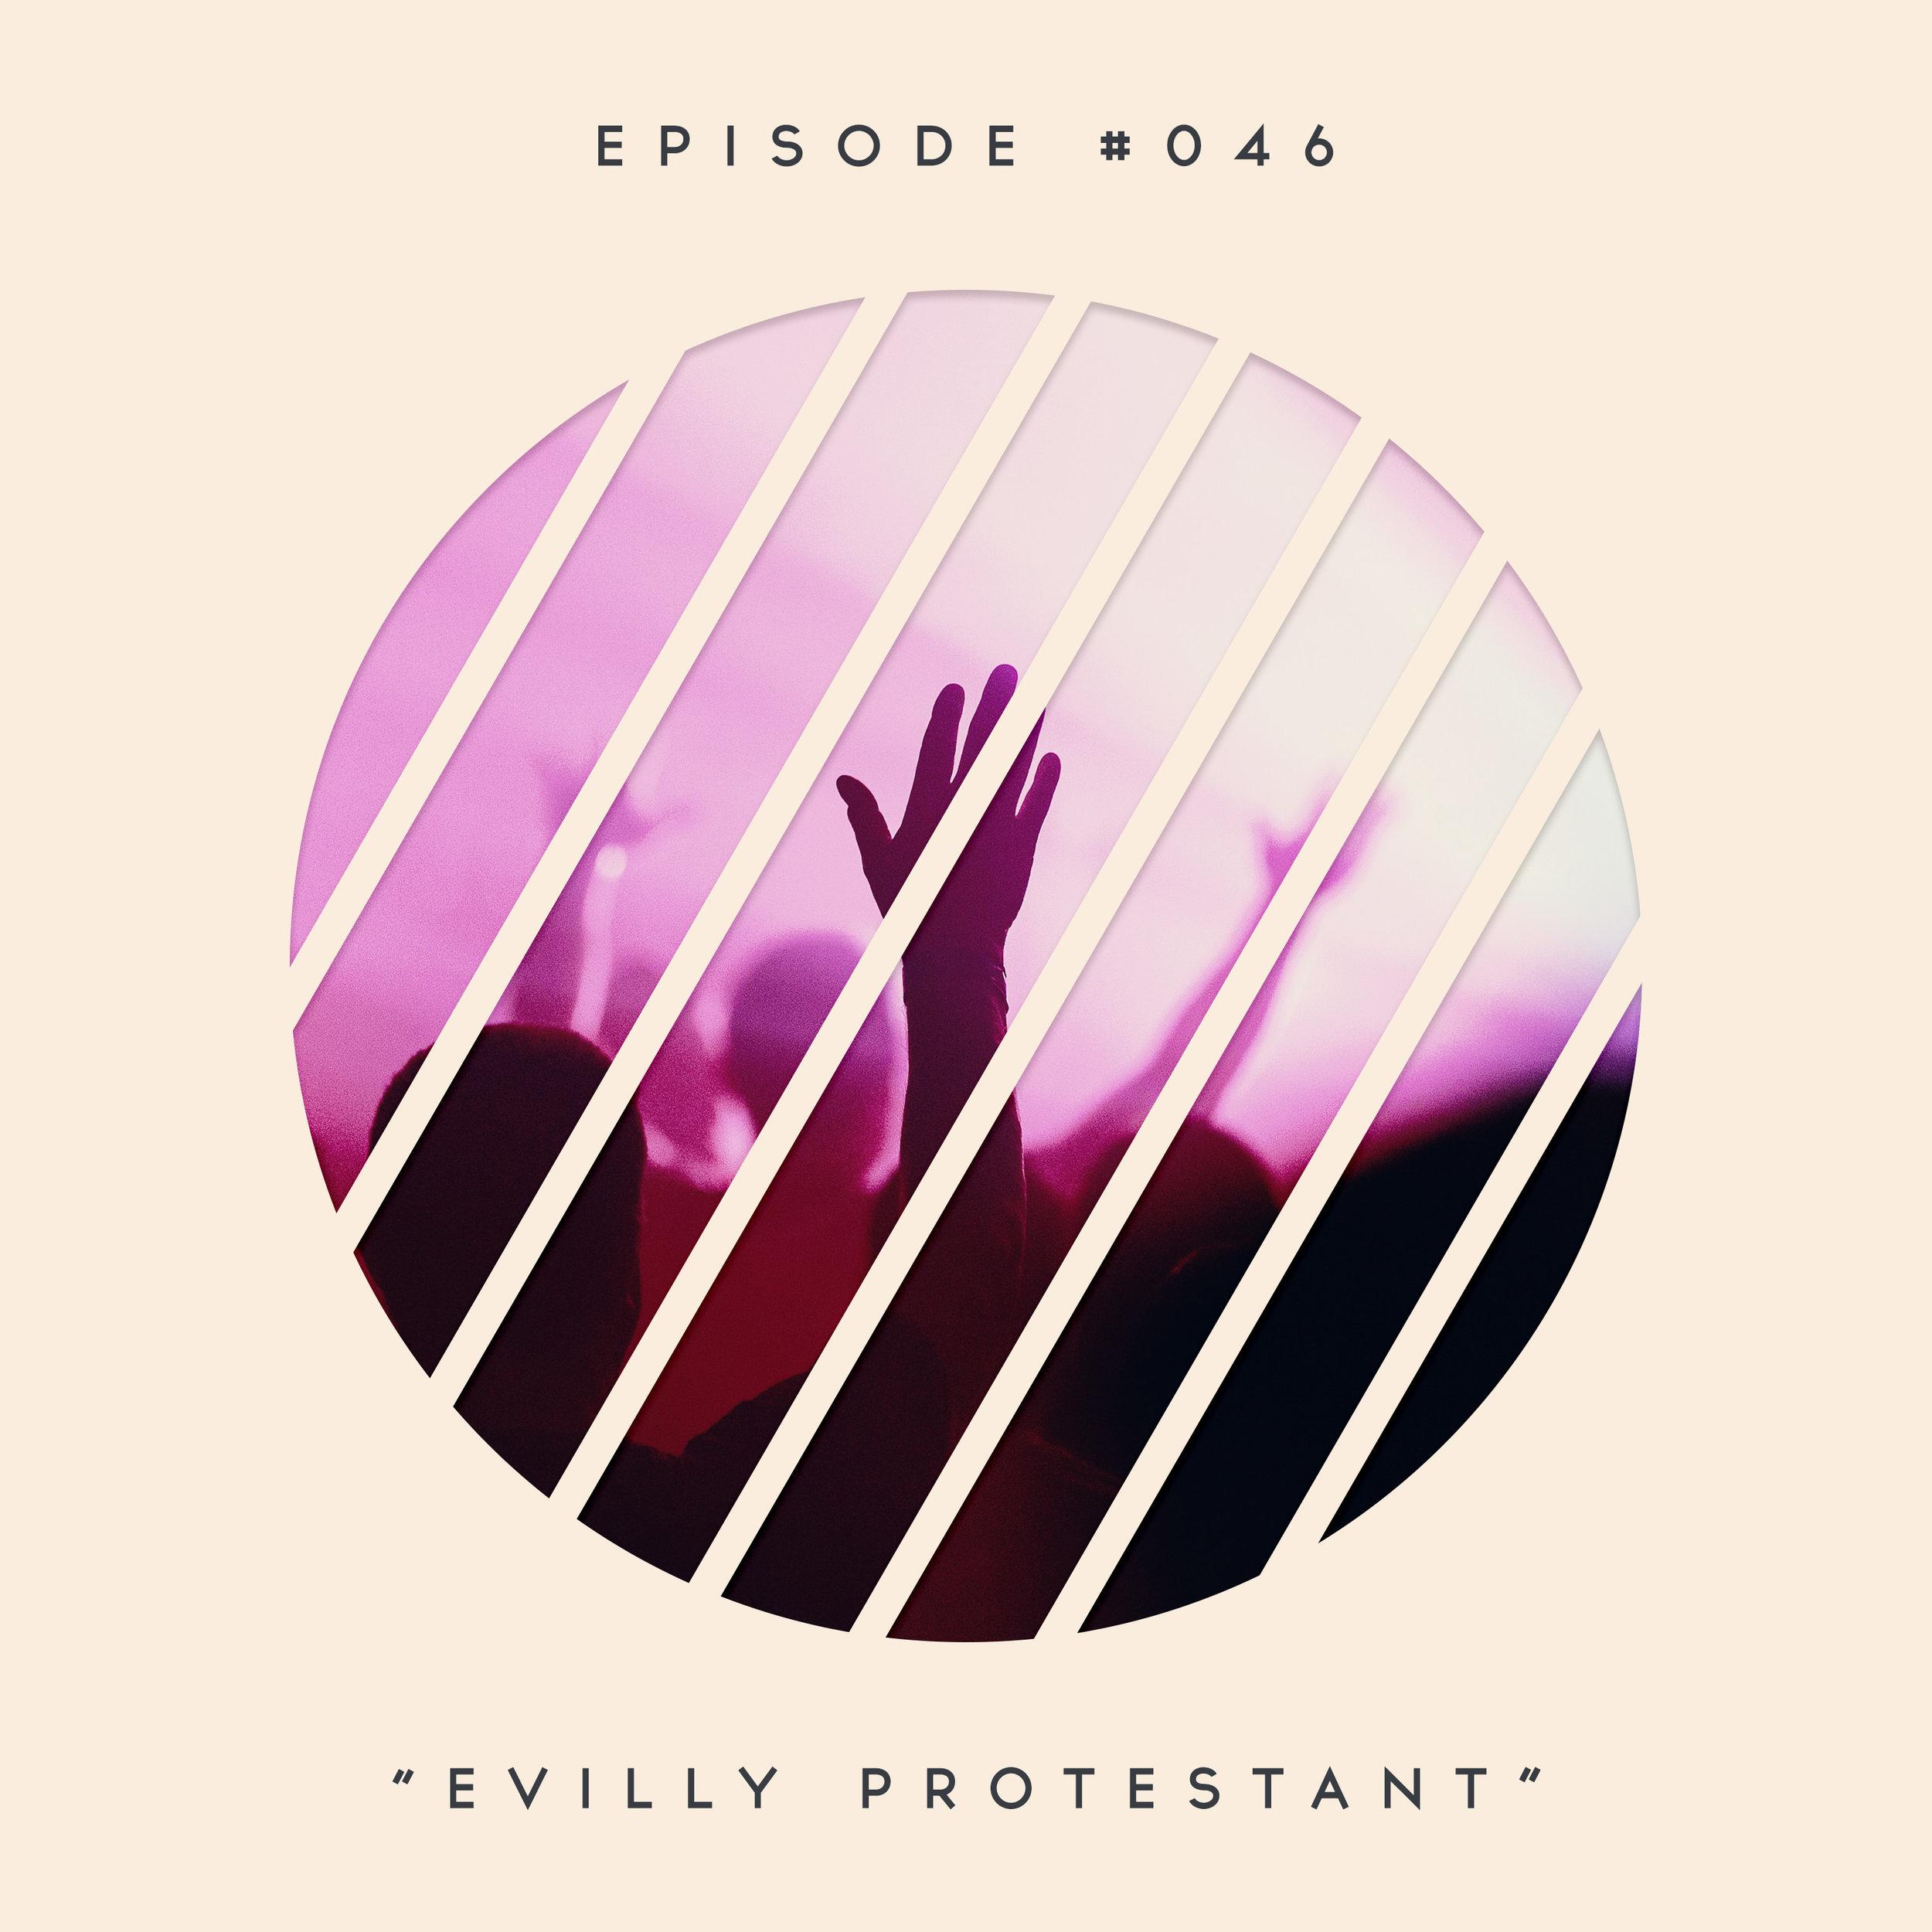 Evily-Protestant.jpg